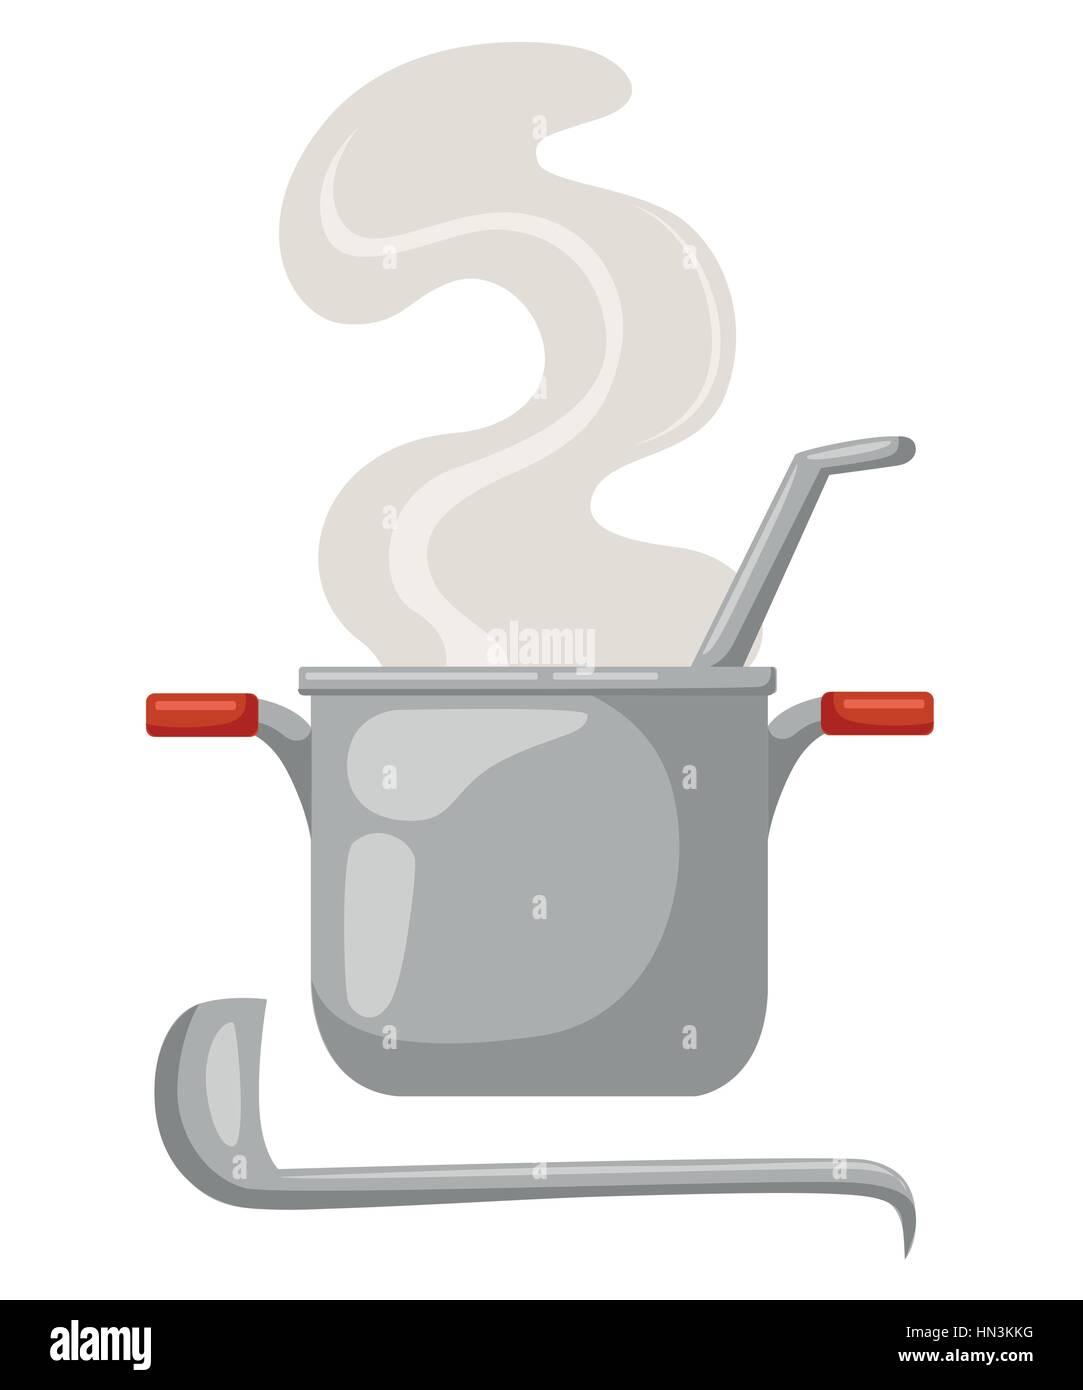 Dessin Casserole Cuisine casserole de dessin animé sur un fond blanc. des ustensiles de